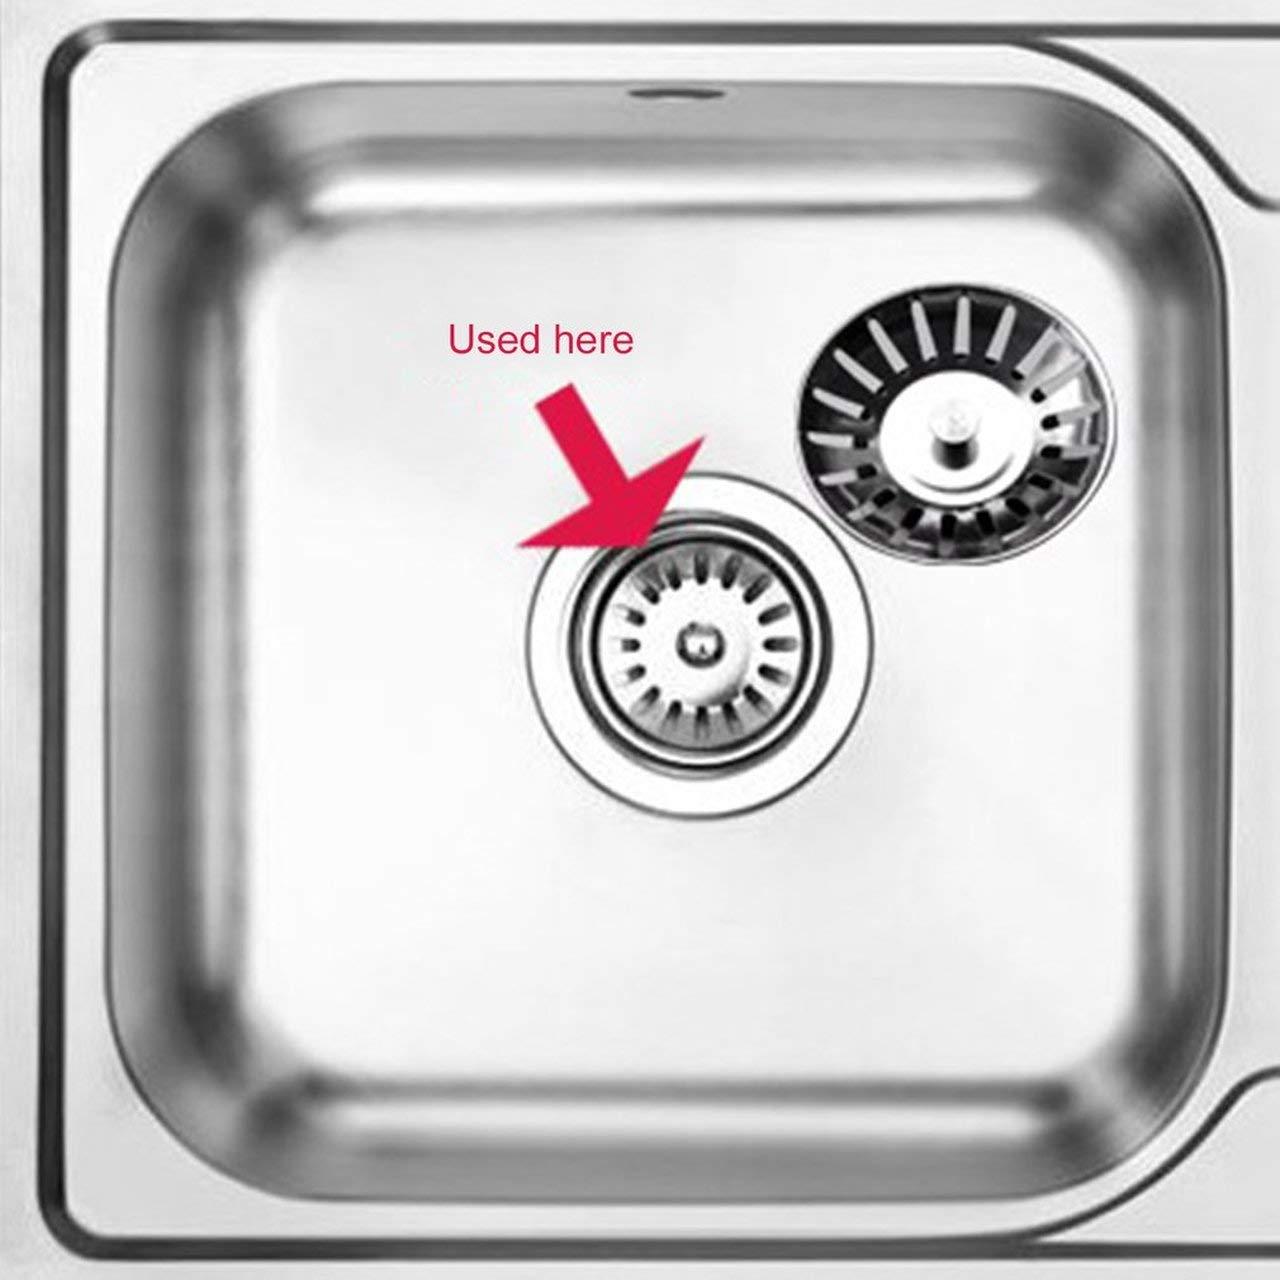 /Éviers de cuisine universels bouchons en acier inoxydable couvercle d/évier Dishpan /égouttoir coche prise filtre de remplacement panier pour le m/énage Jasnyfall couleur acier